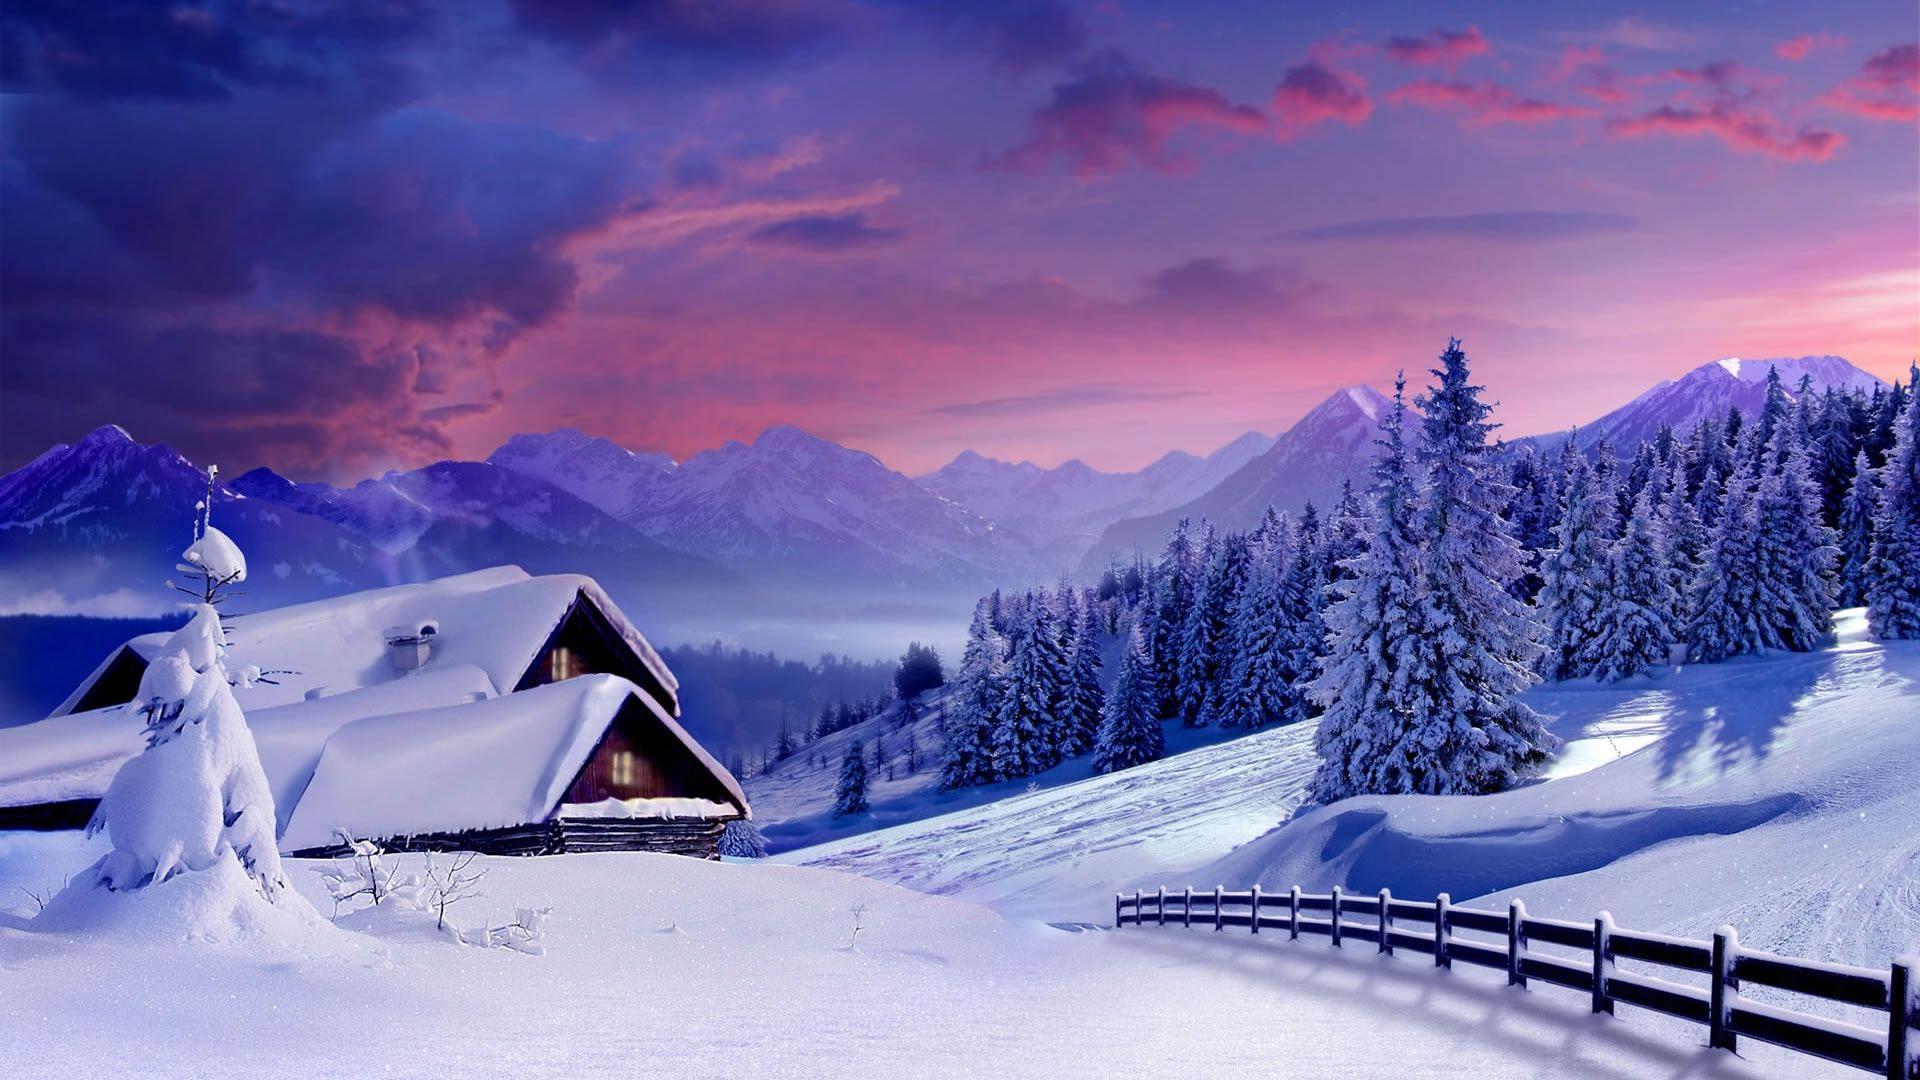 Обои на рабочий стол зима и новый год (3)